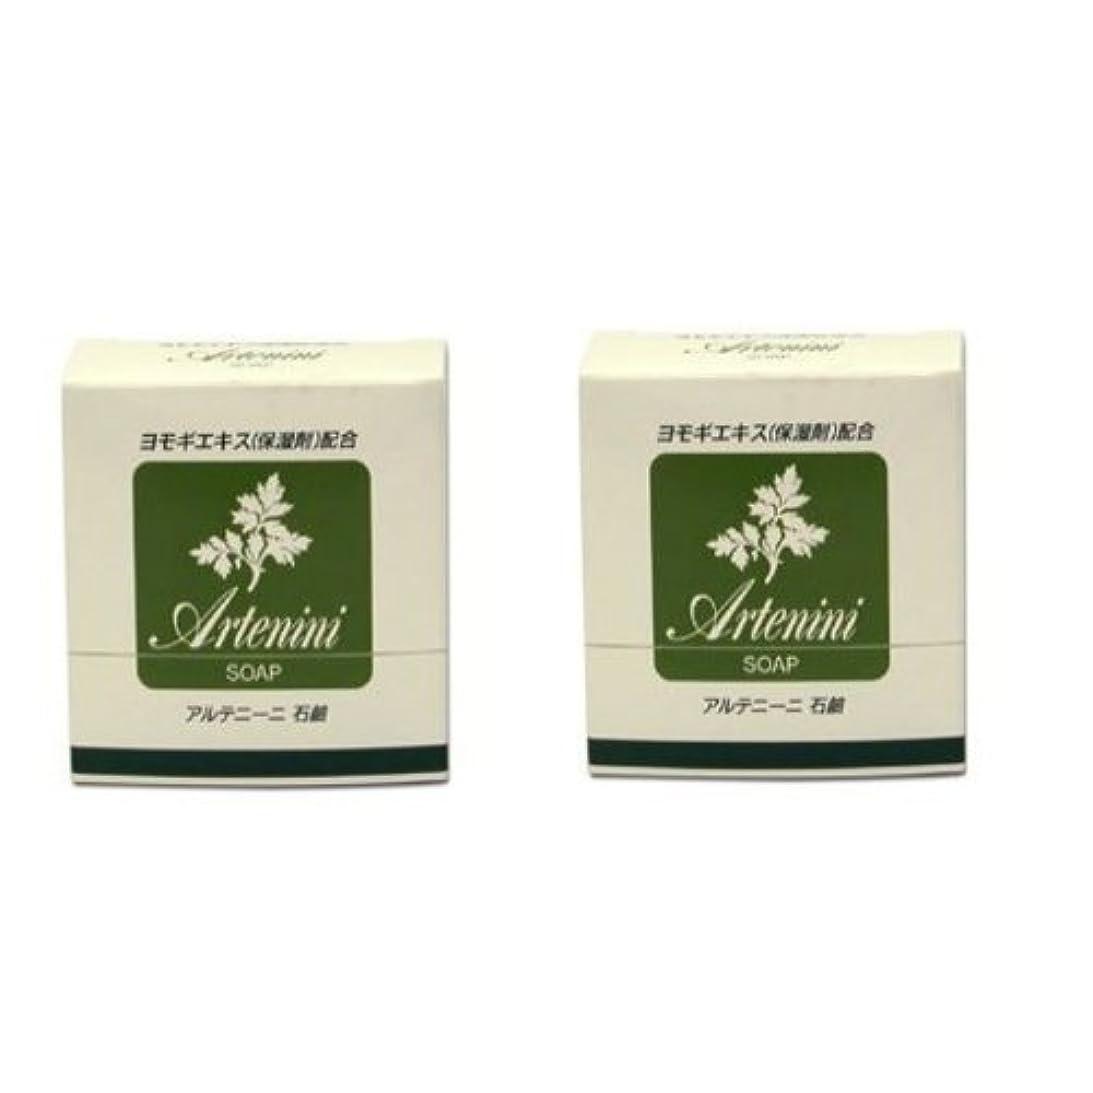 品種オークランド母性アルテニーニ 石鹸 2個組